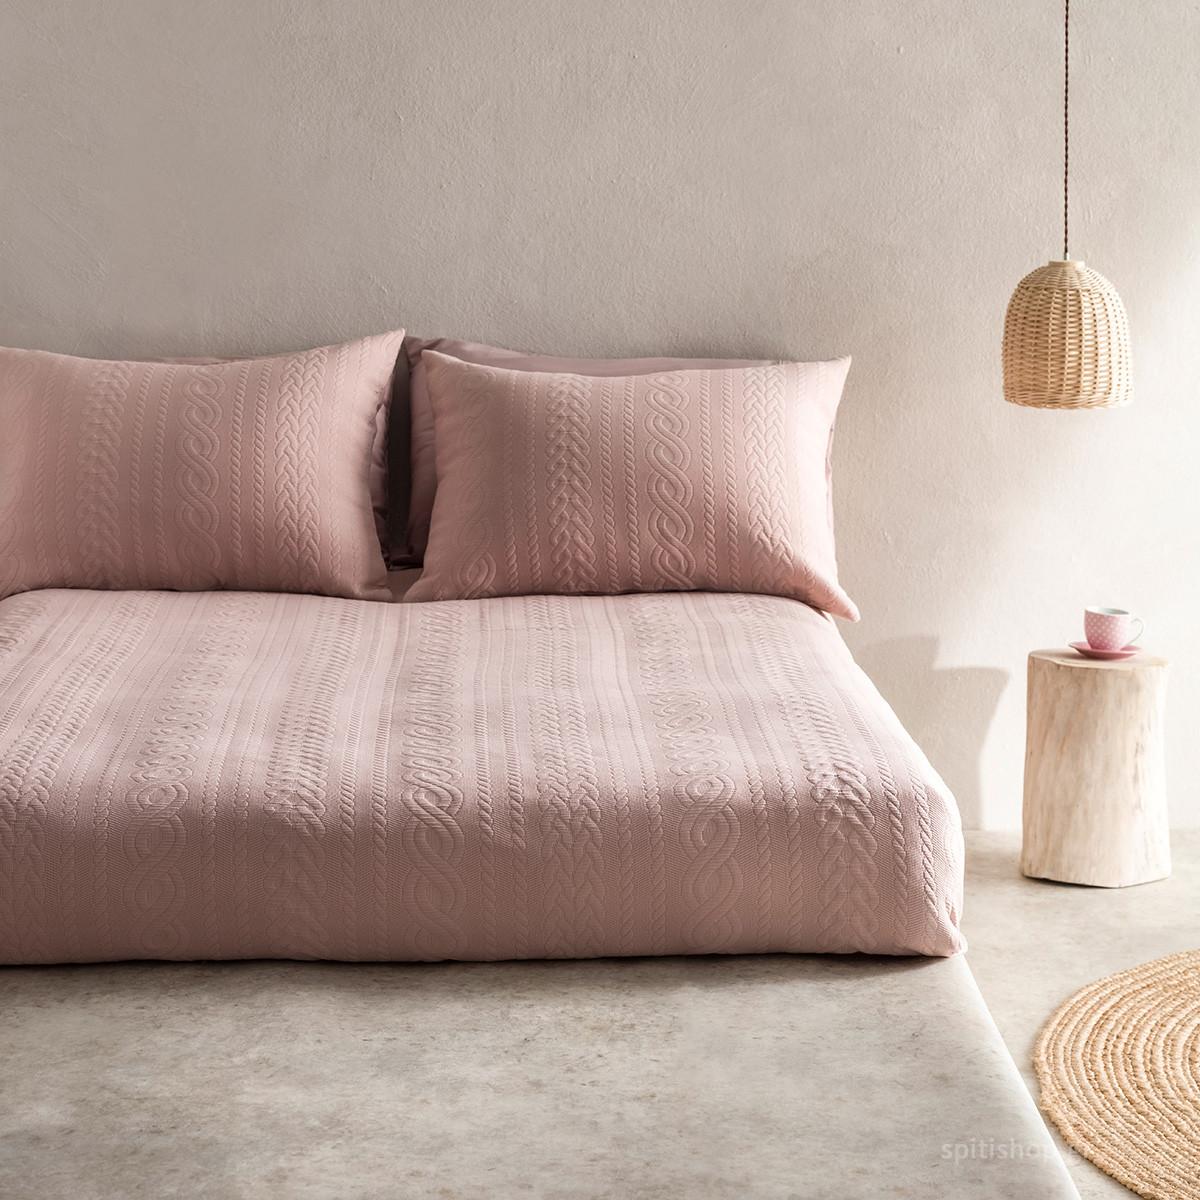 Κουβερτόριο Μονό Gofis Home Meche Pink 989/17